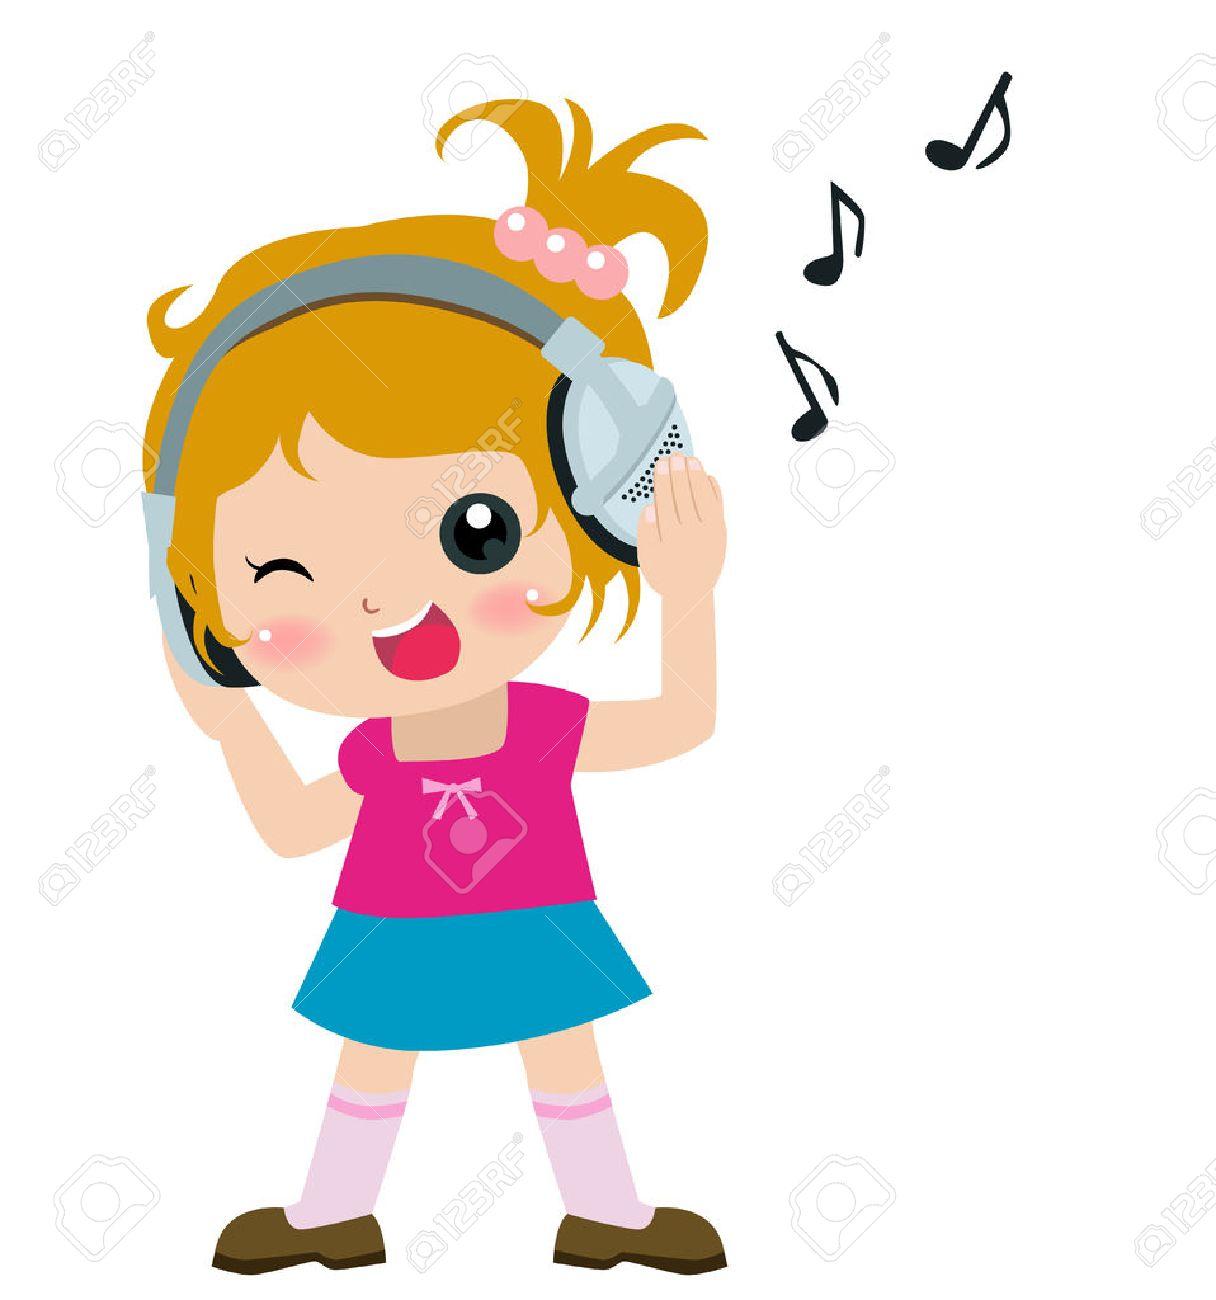 かわいい女の子の音楽を聴くのイラスト ロイヤリティフリークリップ